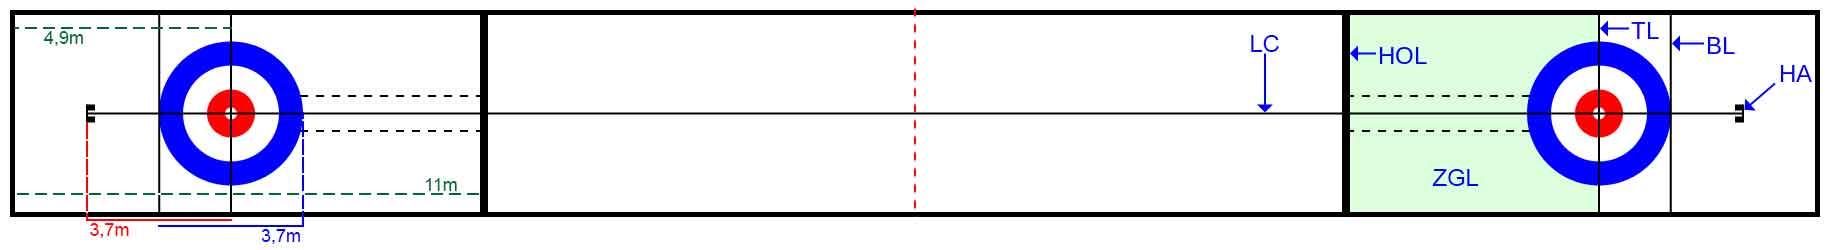 Líneas y Medidas de una pista de curling